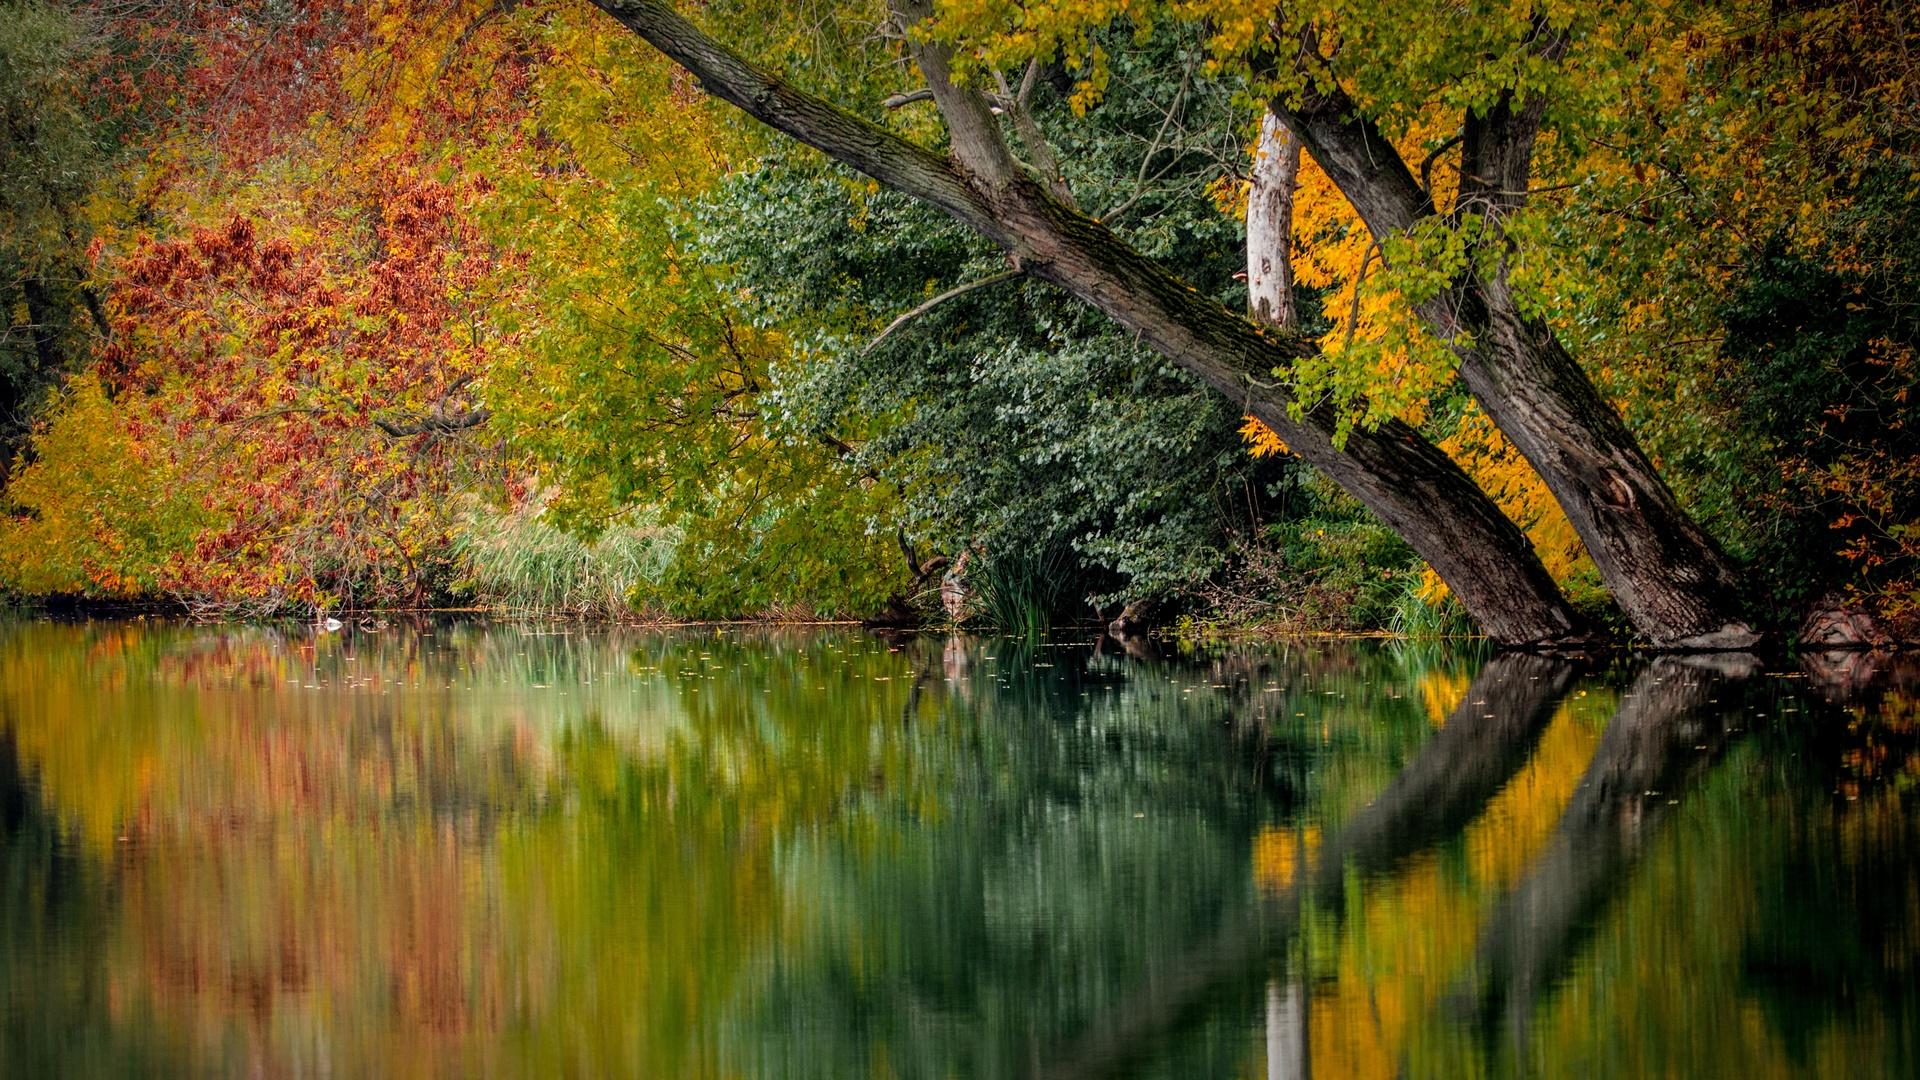 природа, водоём, деревья, стволы, осень, отражение